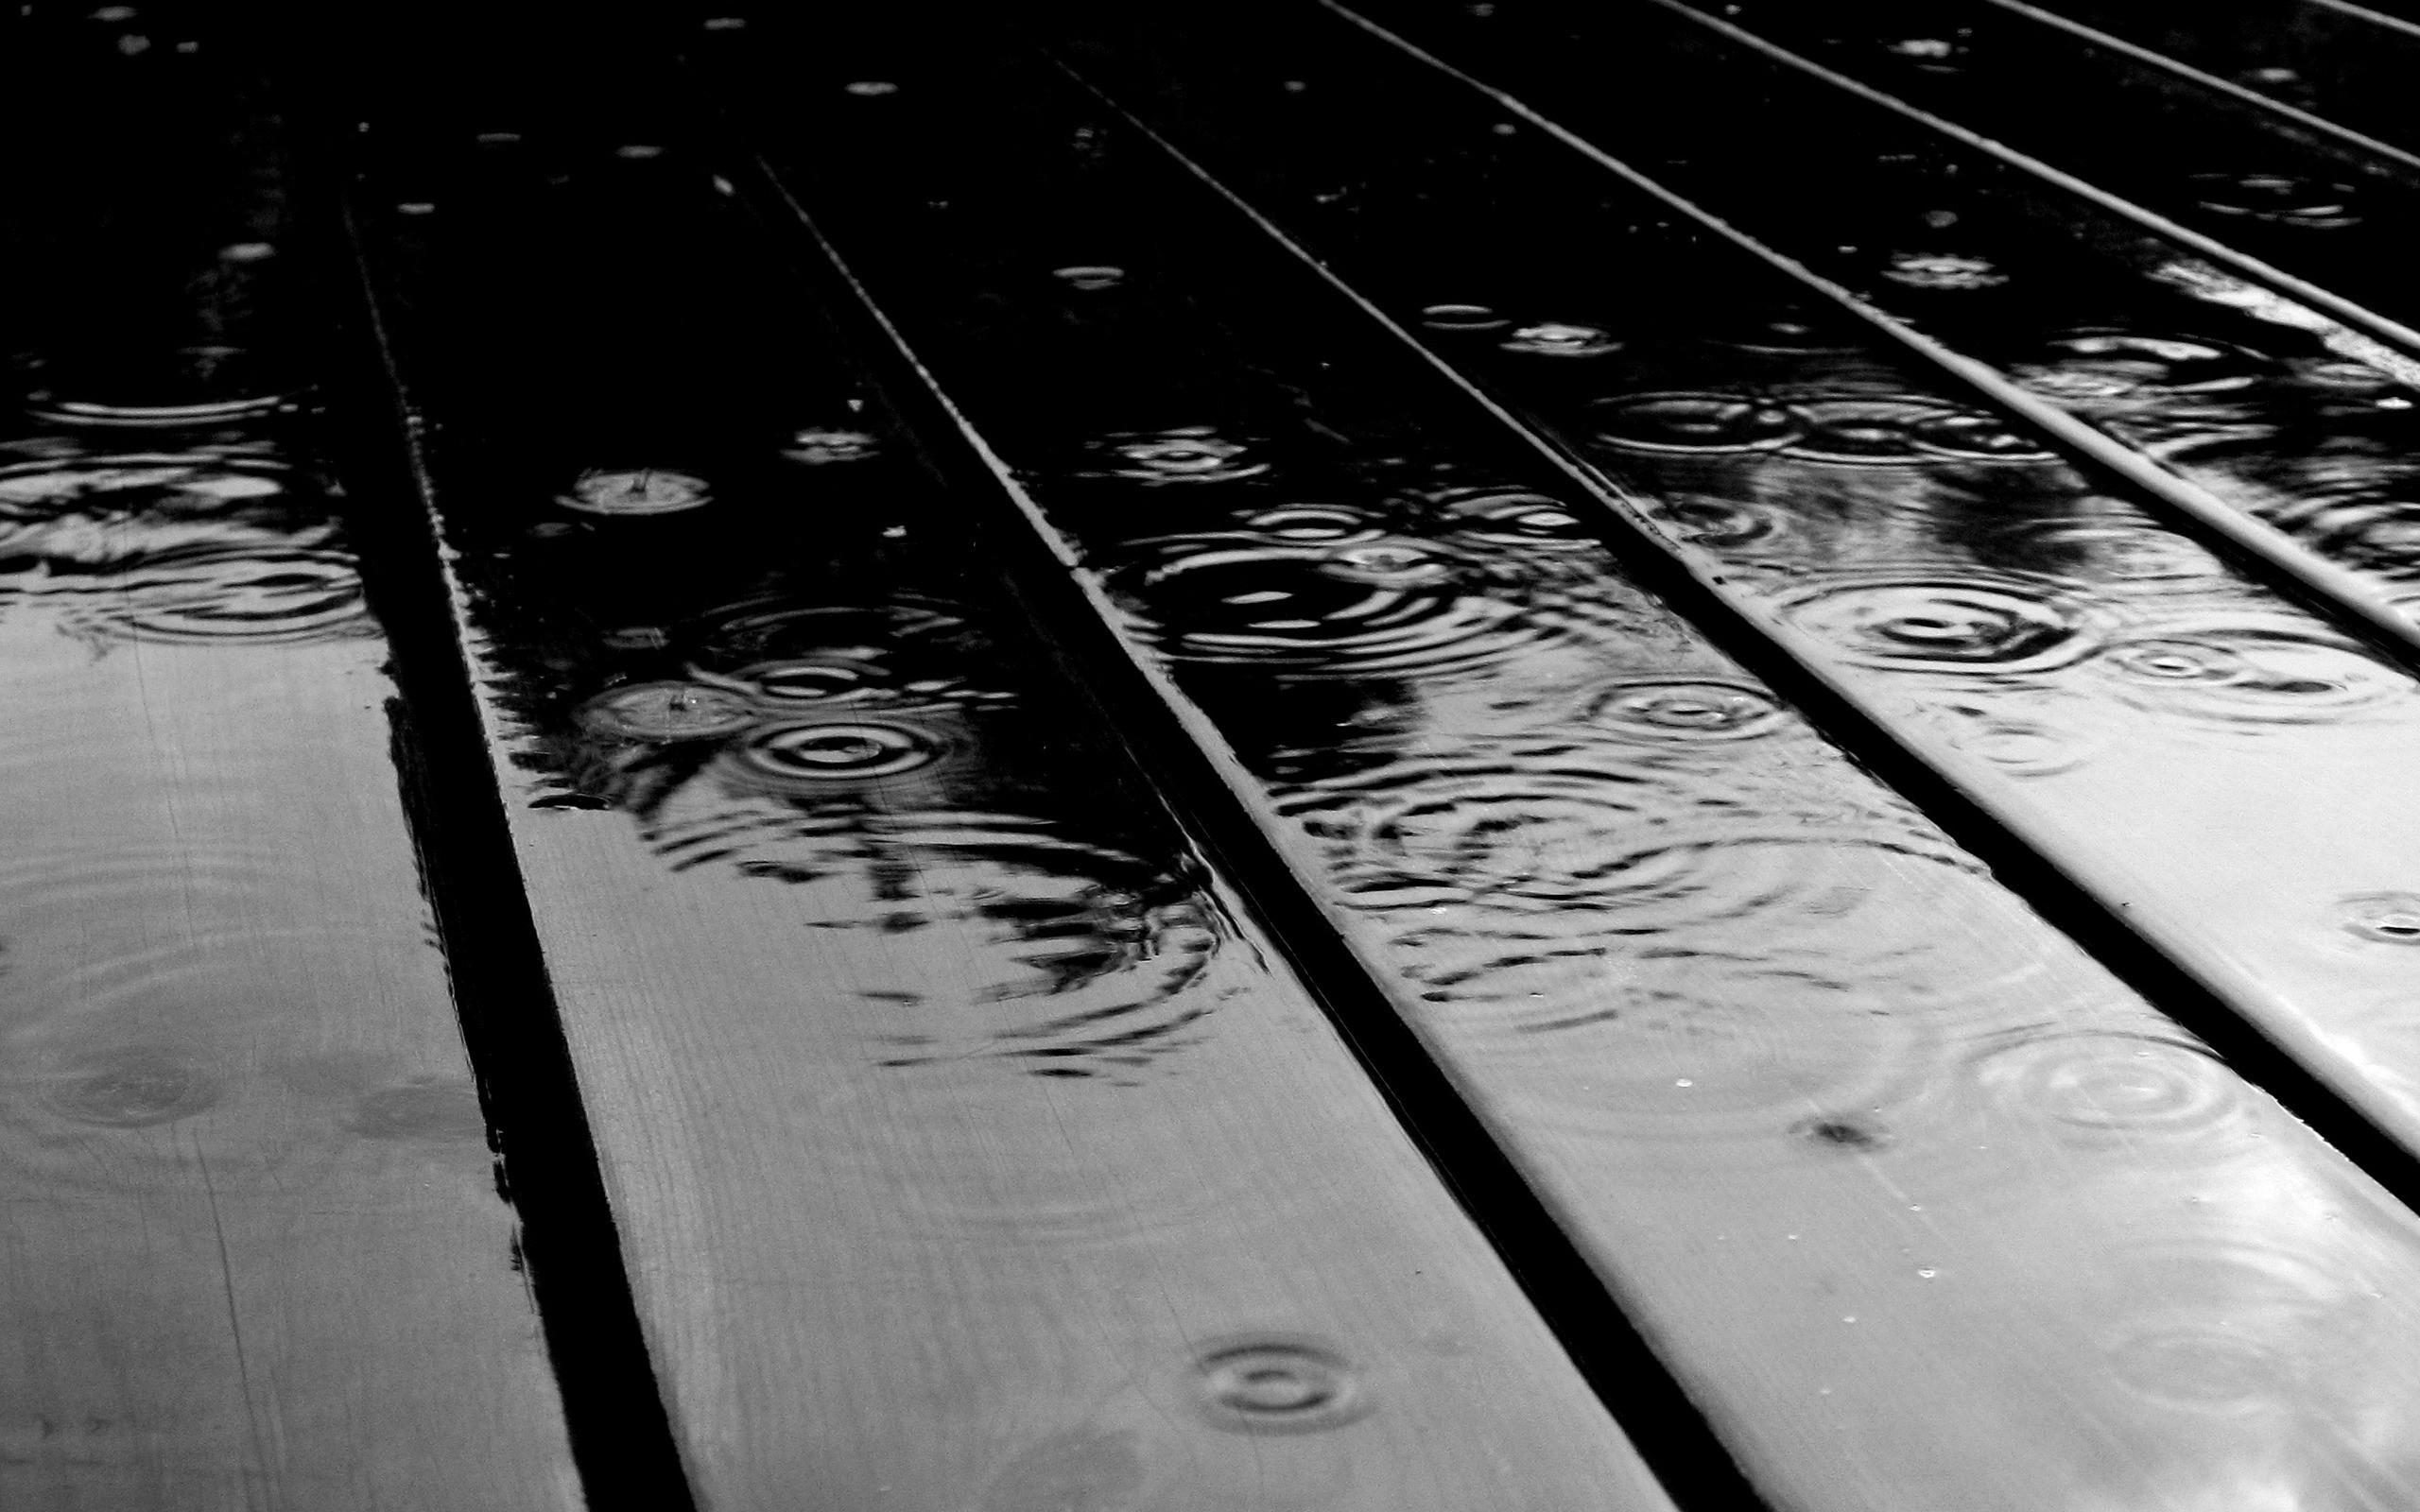 免費下載 34674: 背景, 雨 桌面壁紙